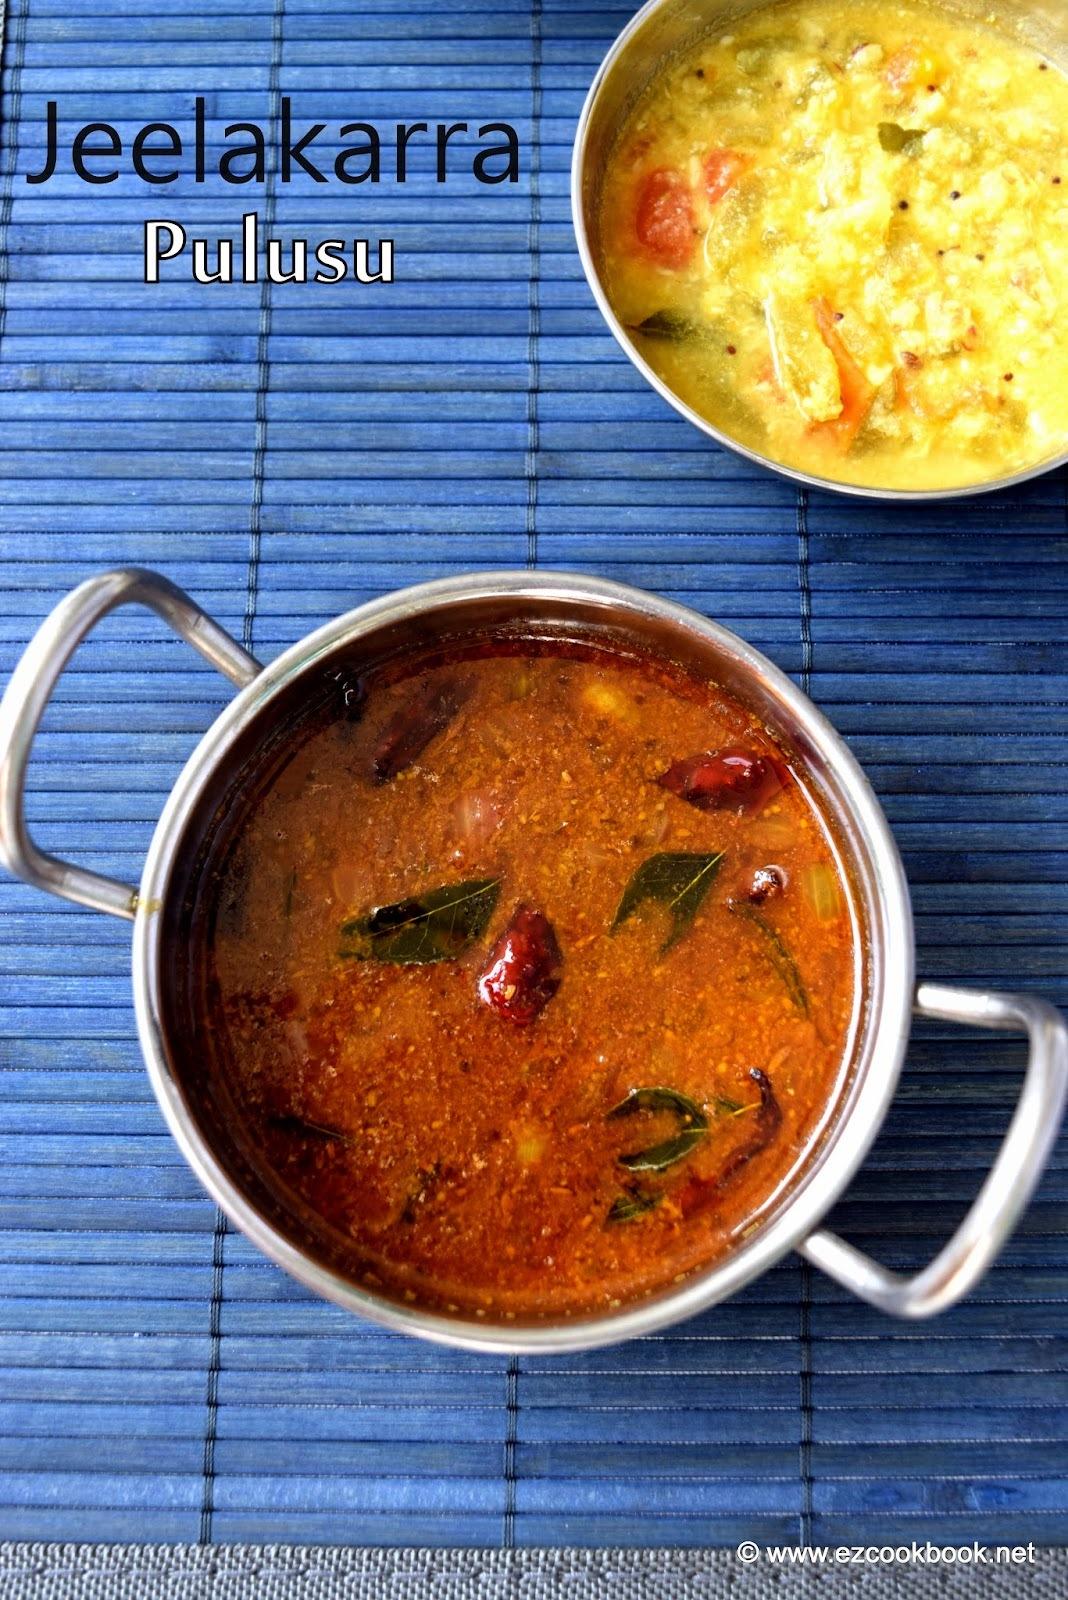 Jeelakarra Pulusu | Spicy Jeera Gravy